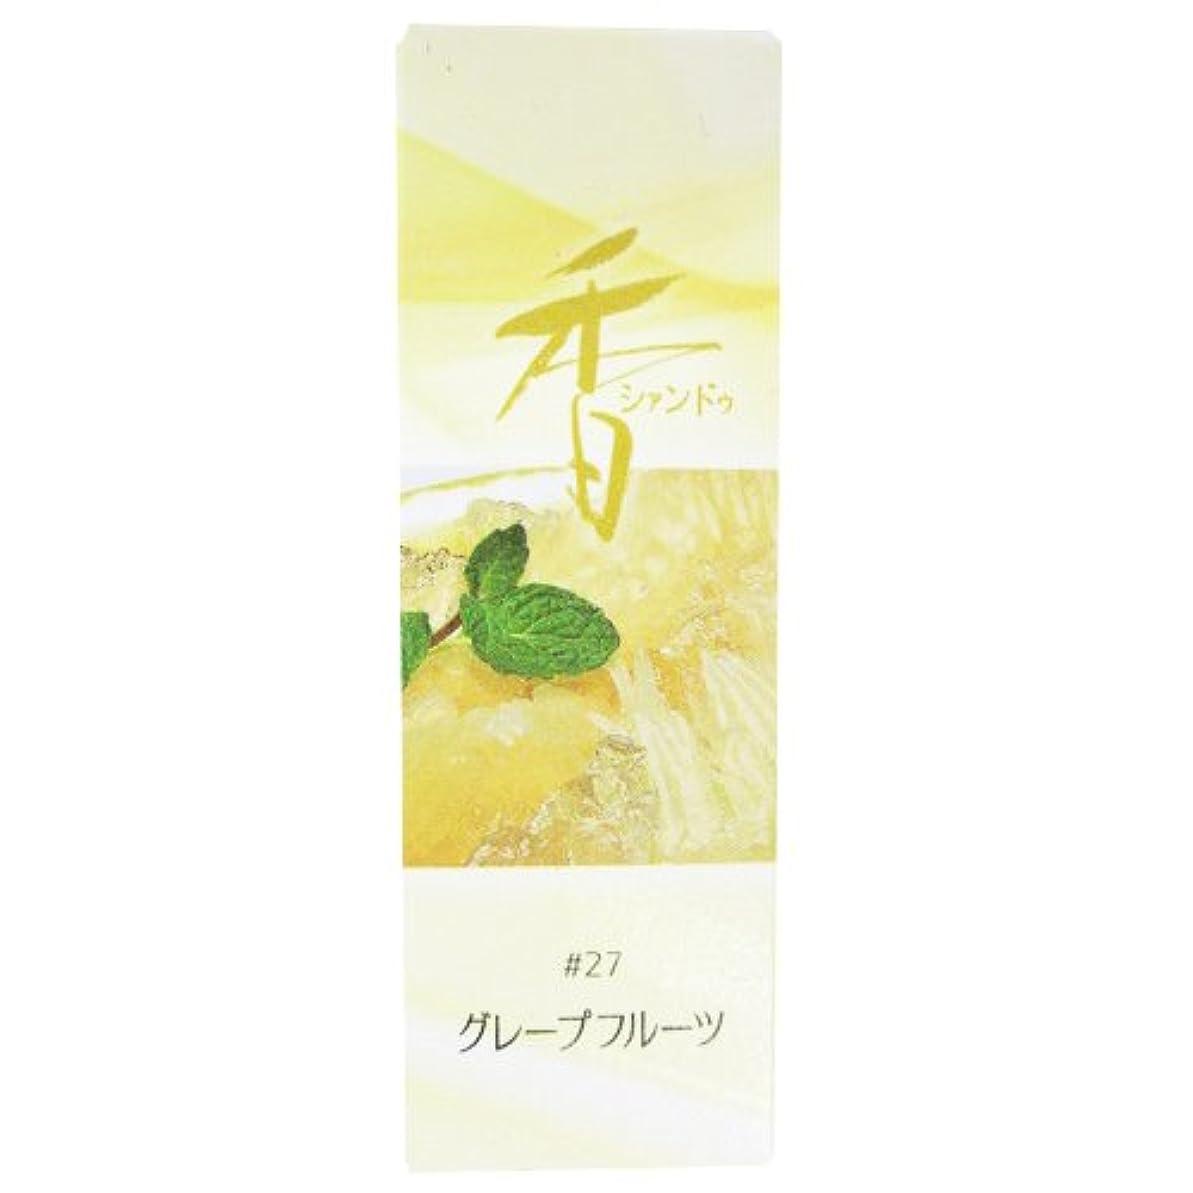 幻想的枯渇持続する松栄堂のお香 Xiang Do(シャンドゥ) グレープフルーツ ST20本入 簡易香立付 #214227